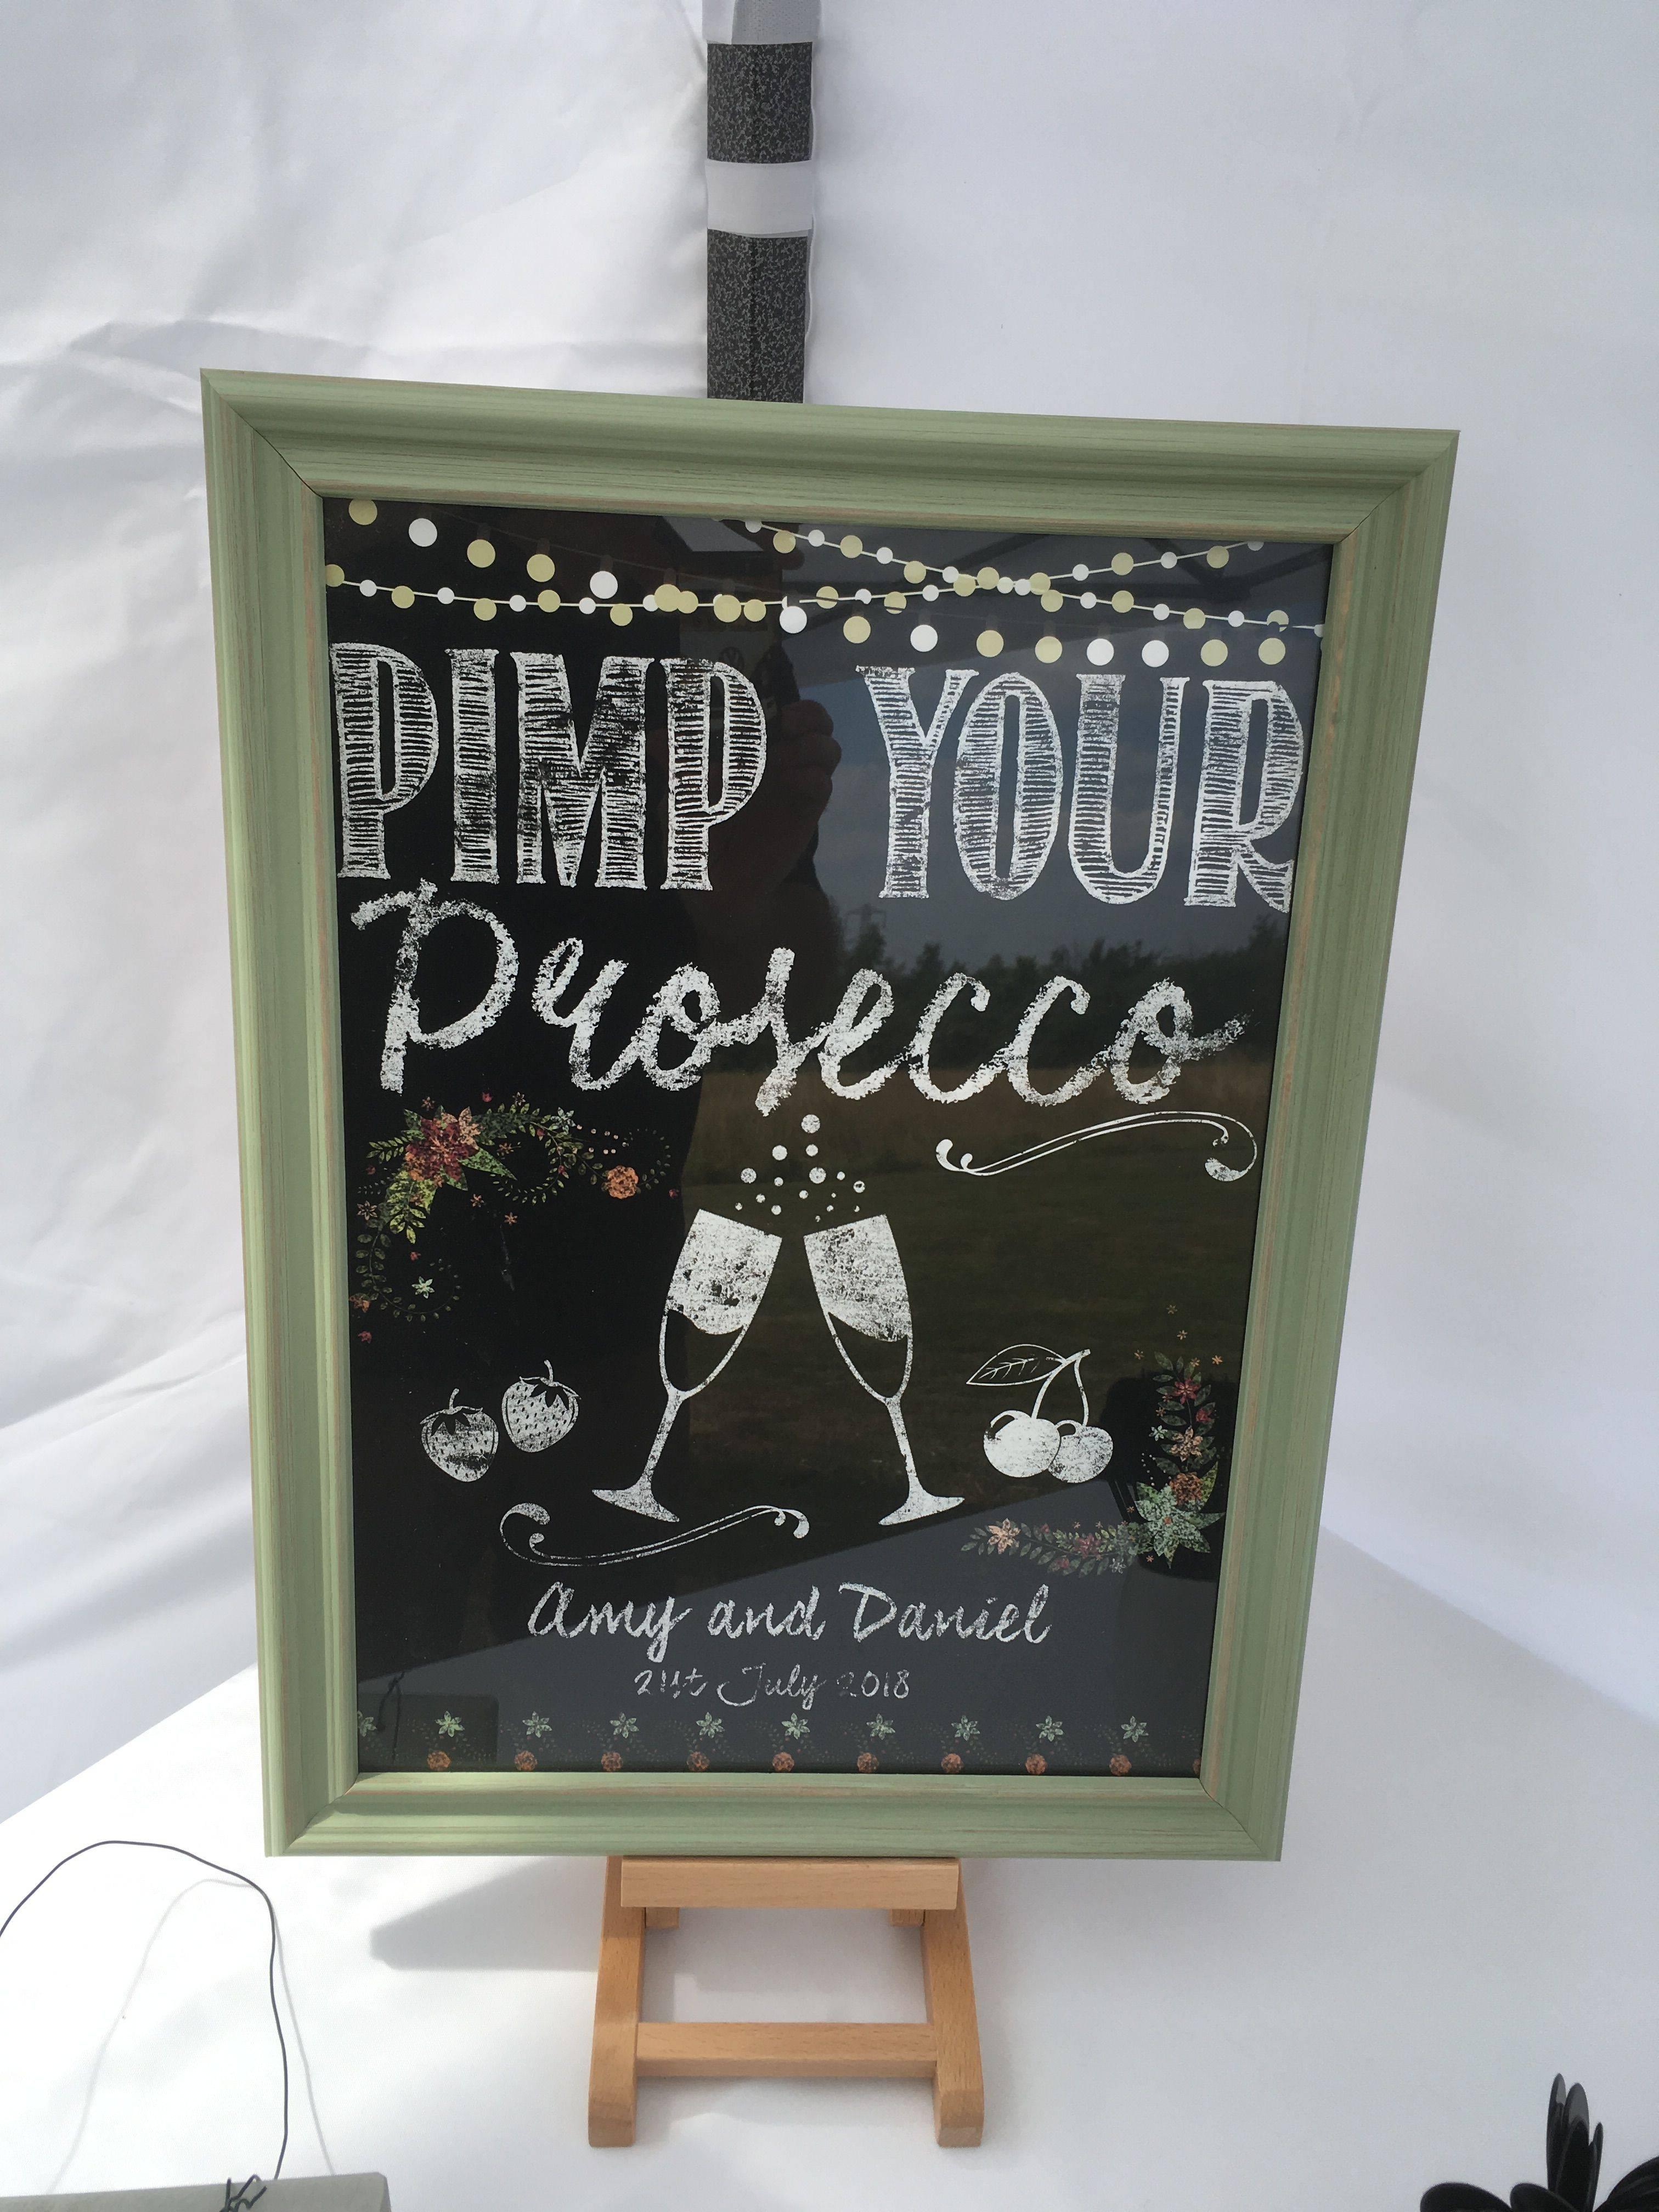 Pimp your Prosecco